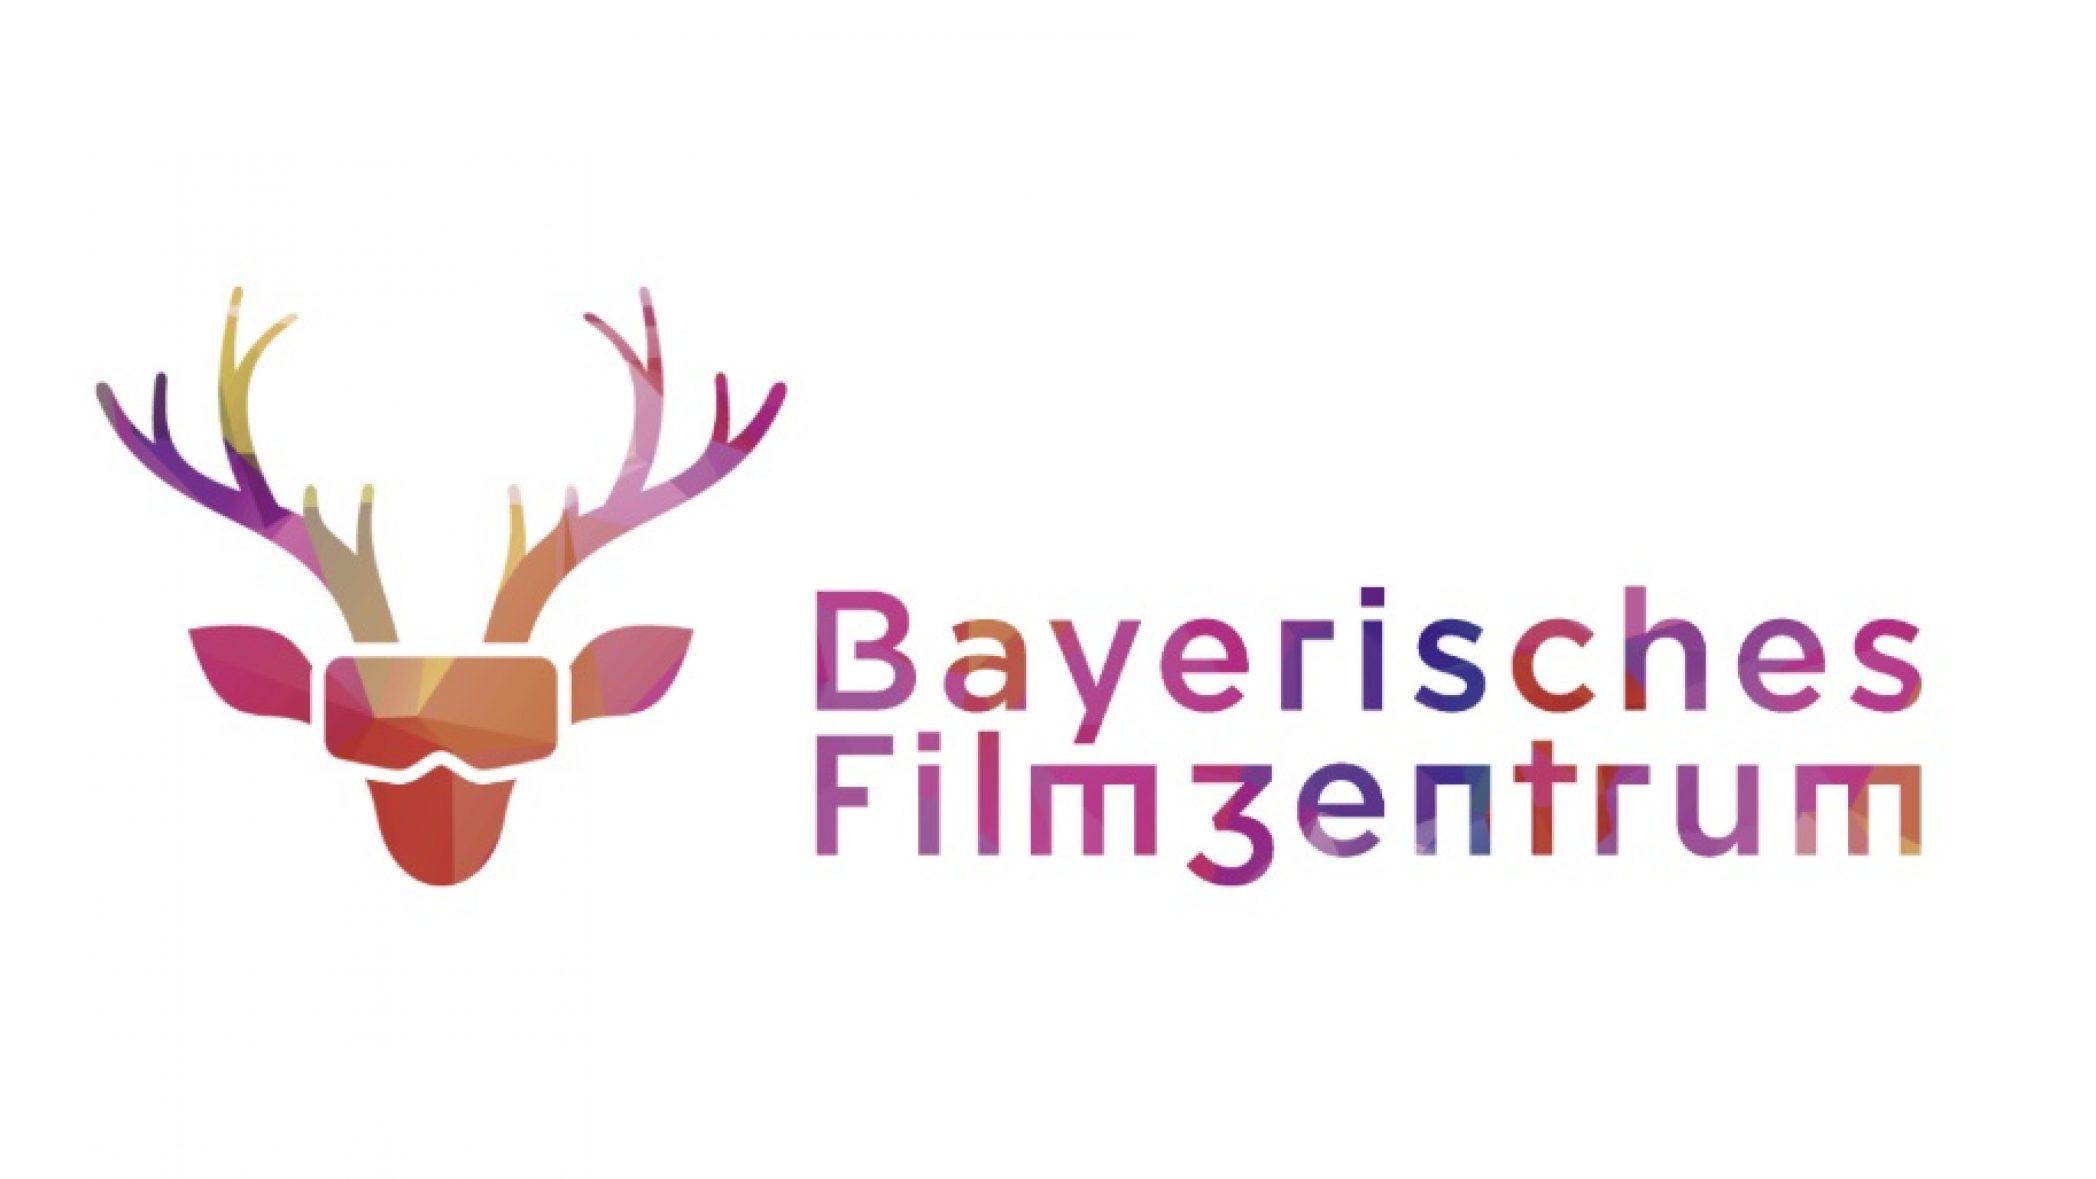 Bayerische Filmzentrum, Sponsoring FIRST STEPS Award